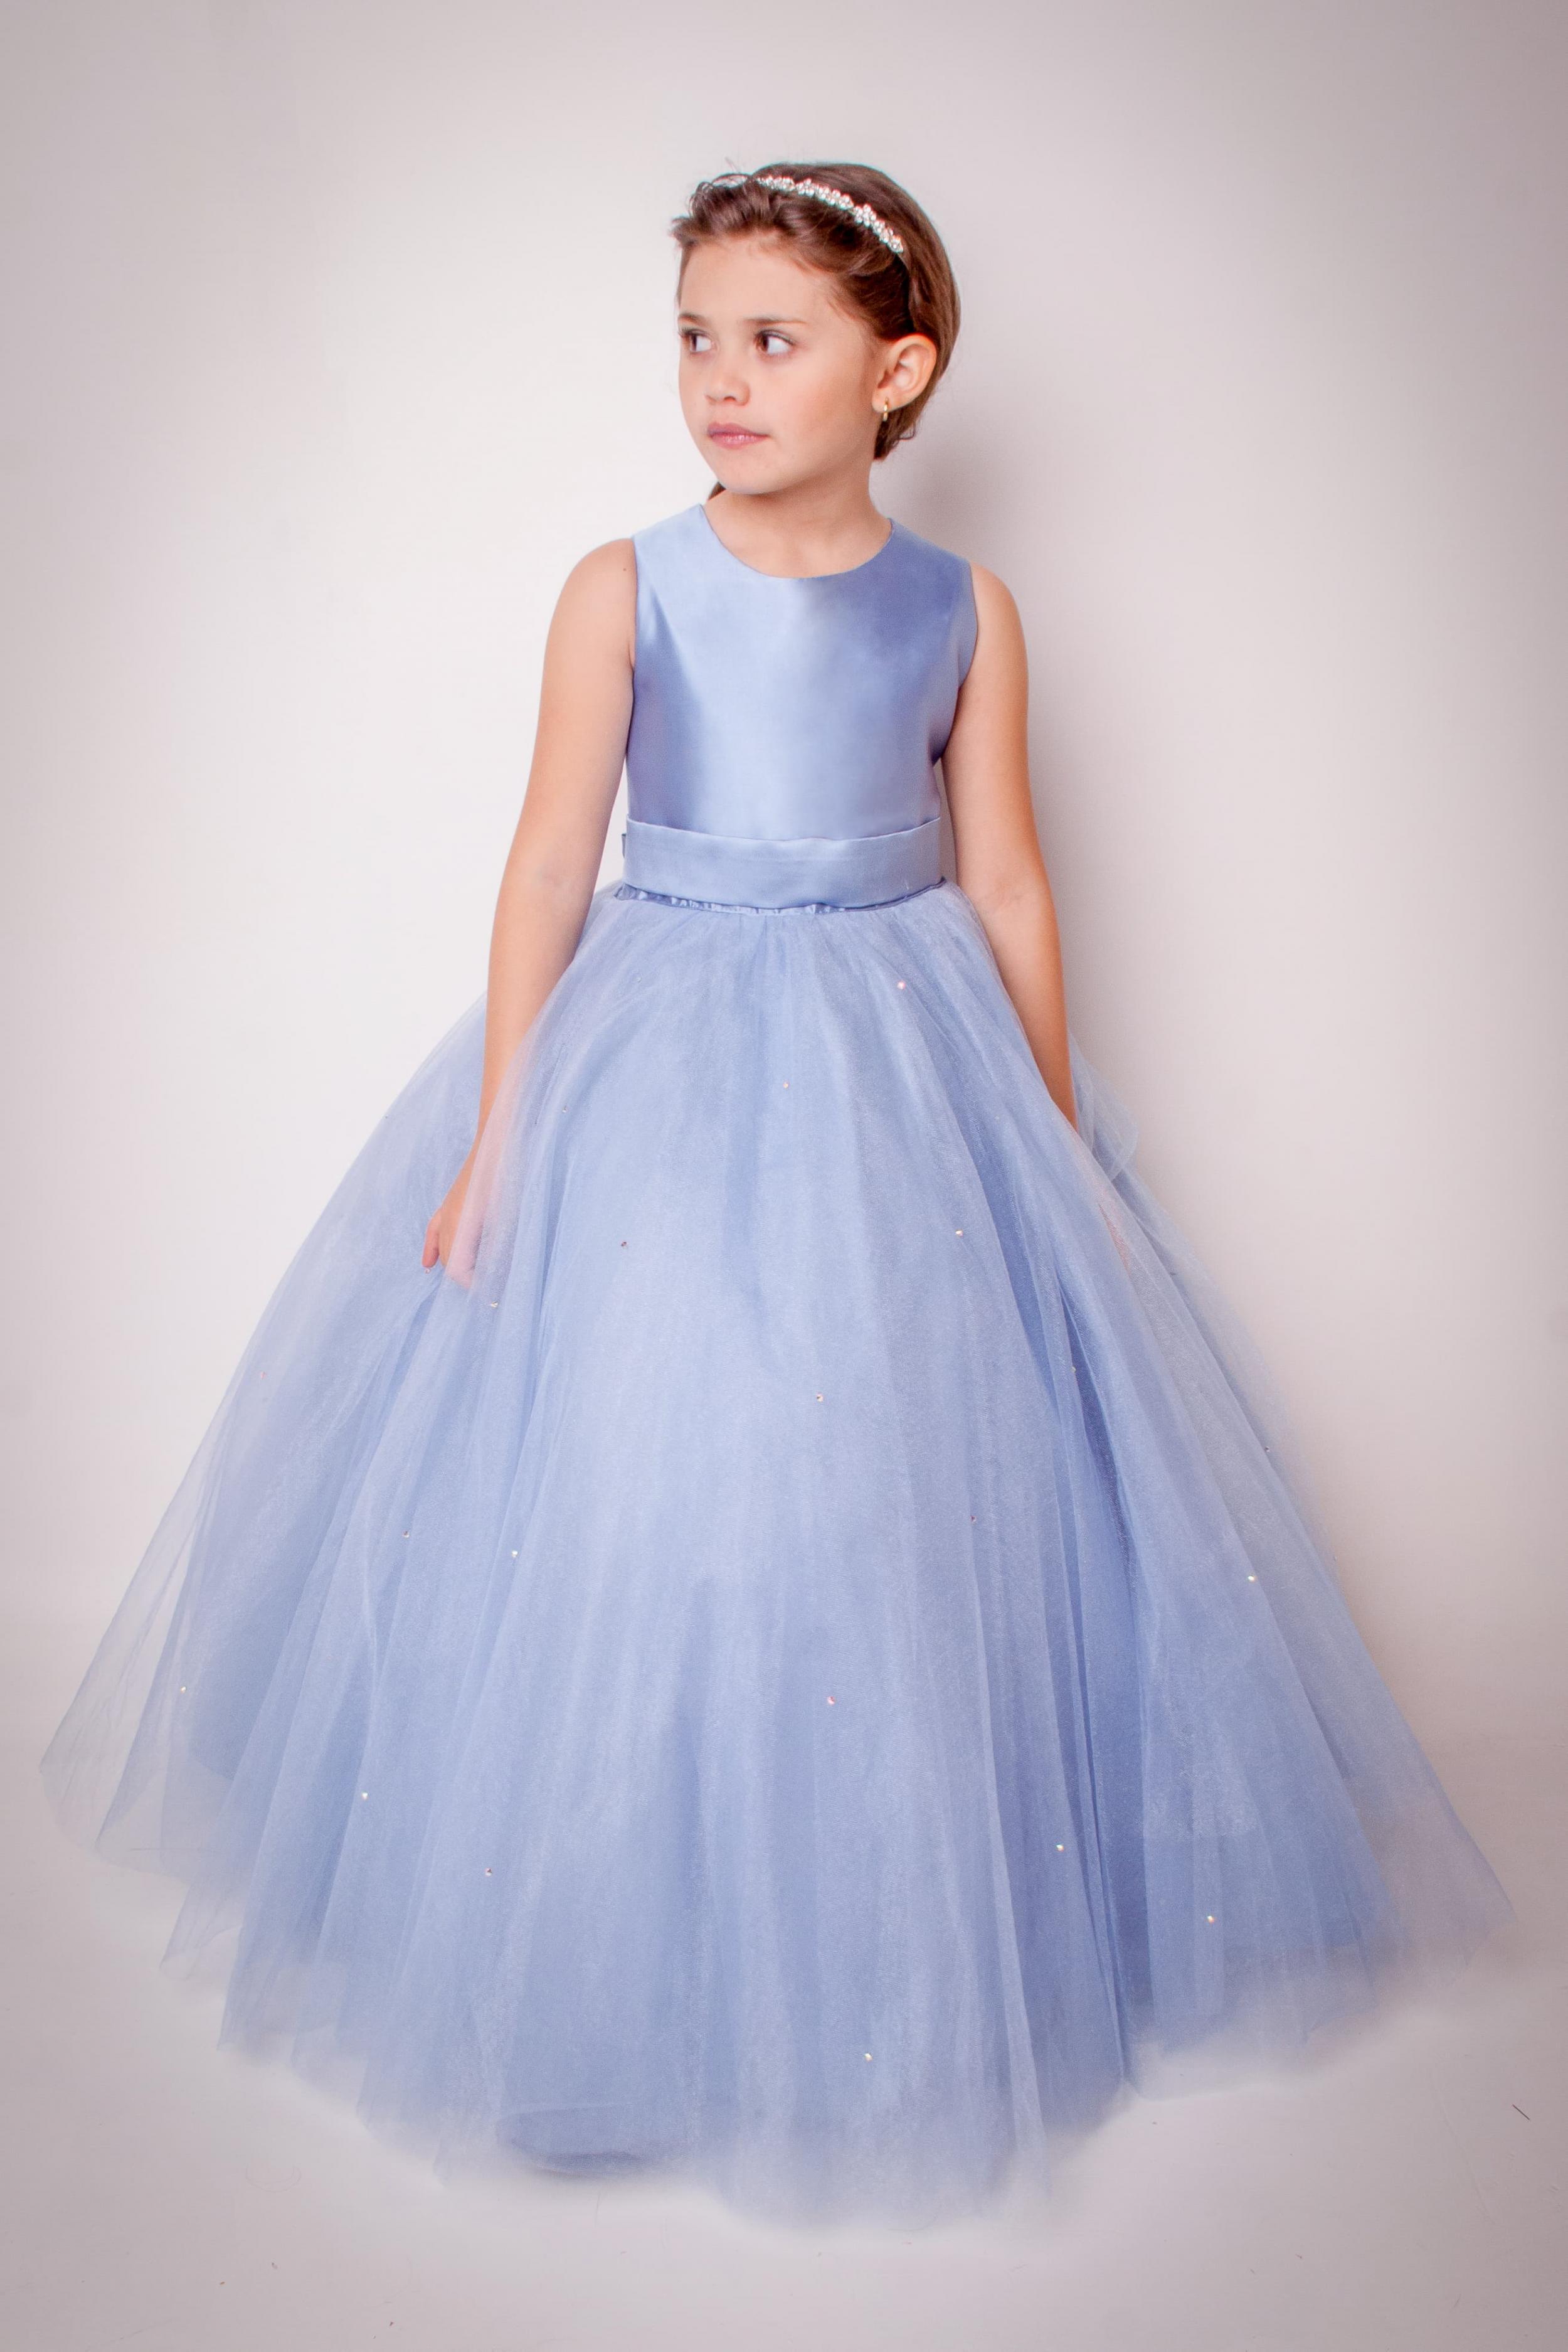 15 - Vestido de renda azul serenity saia de tule com cristaizinhos